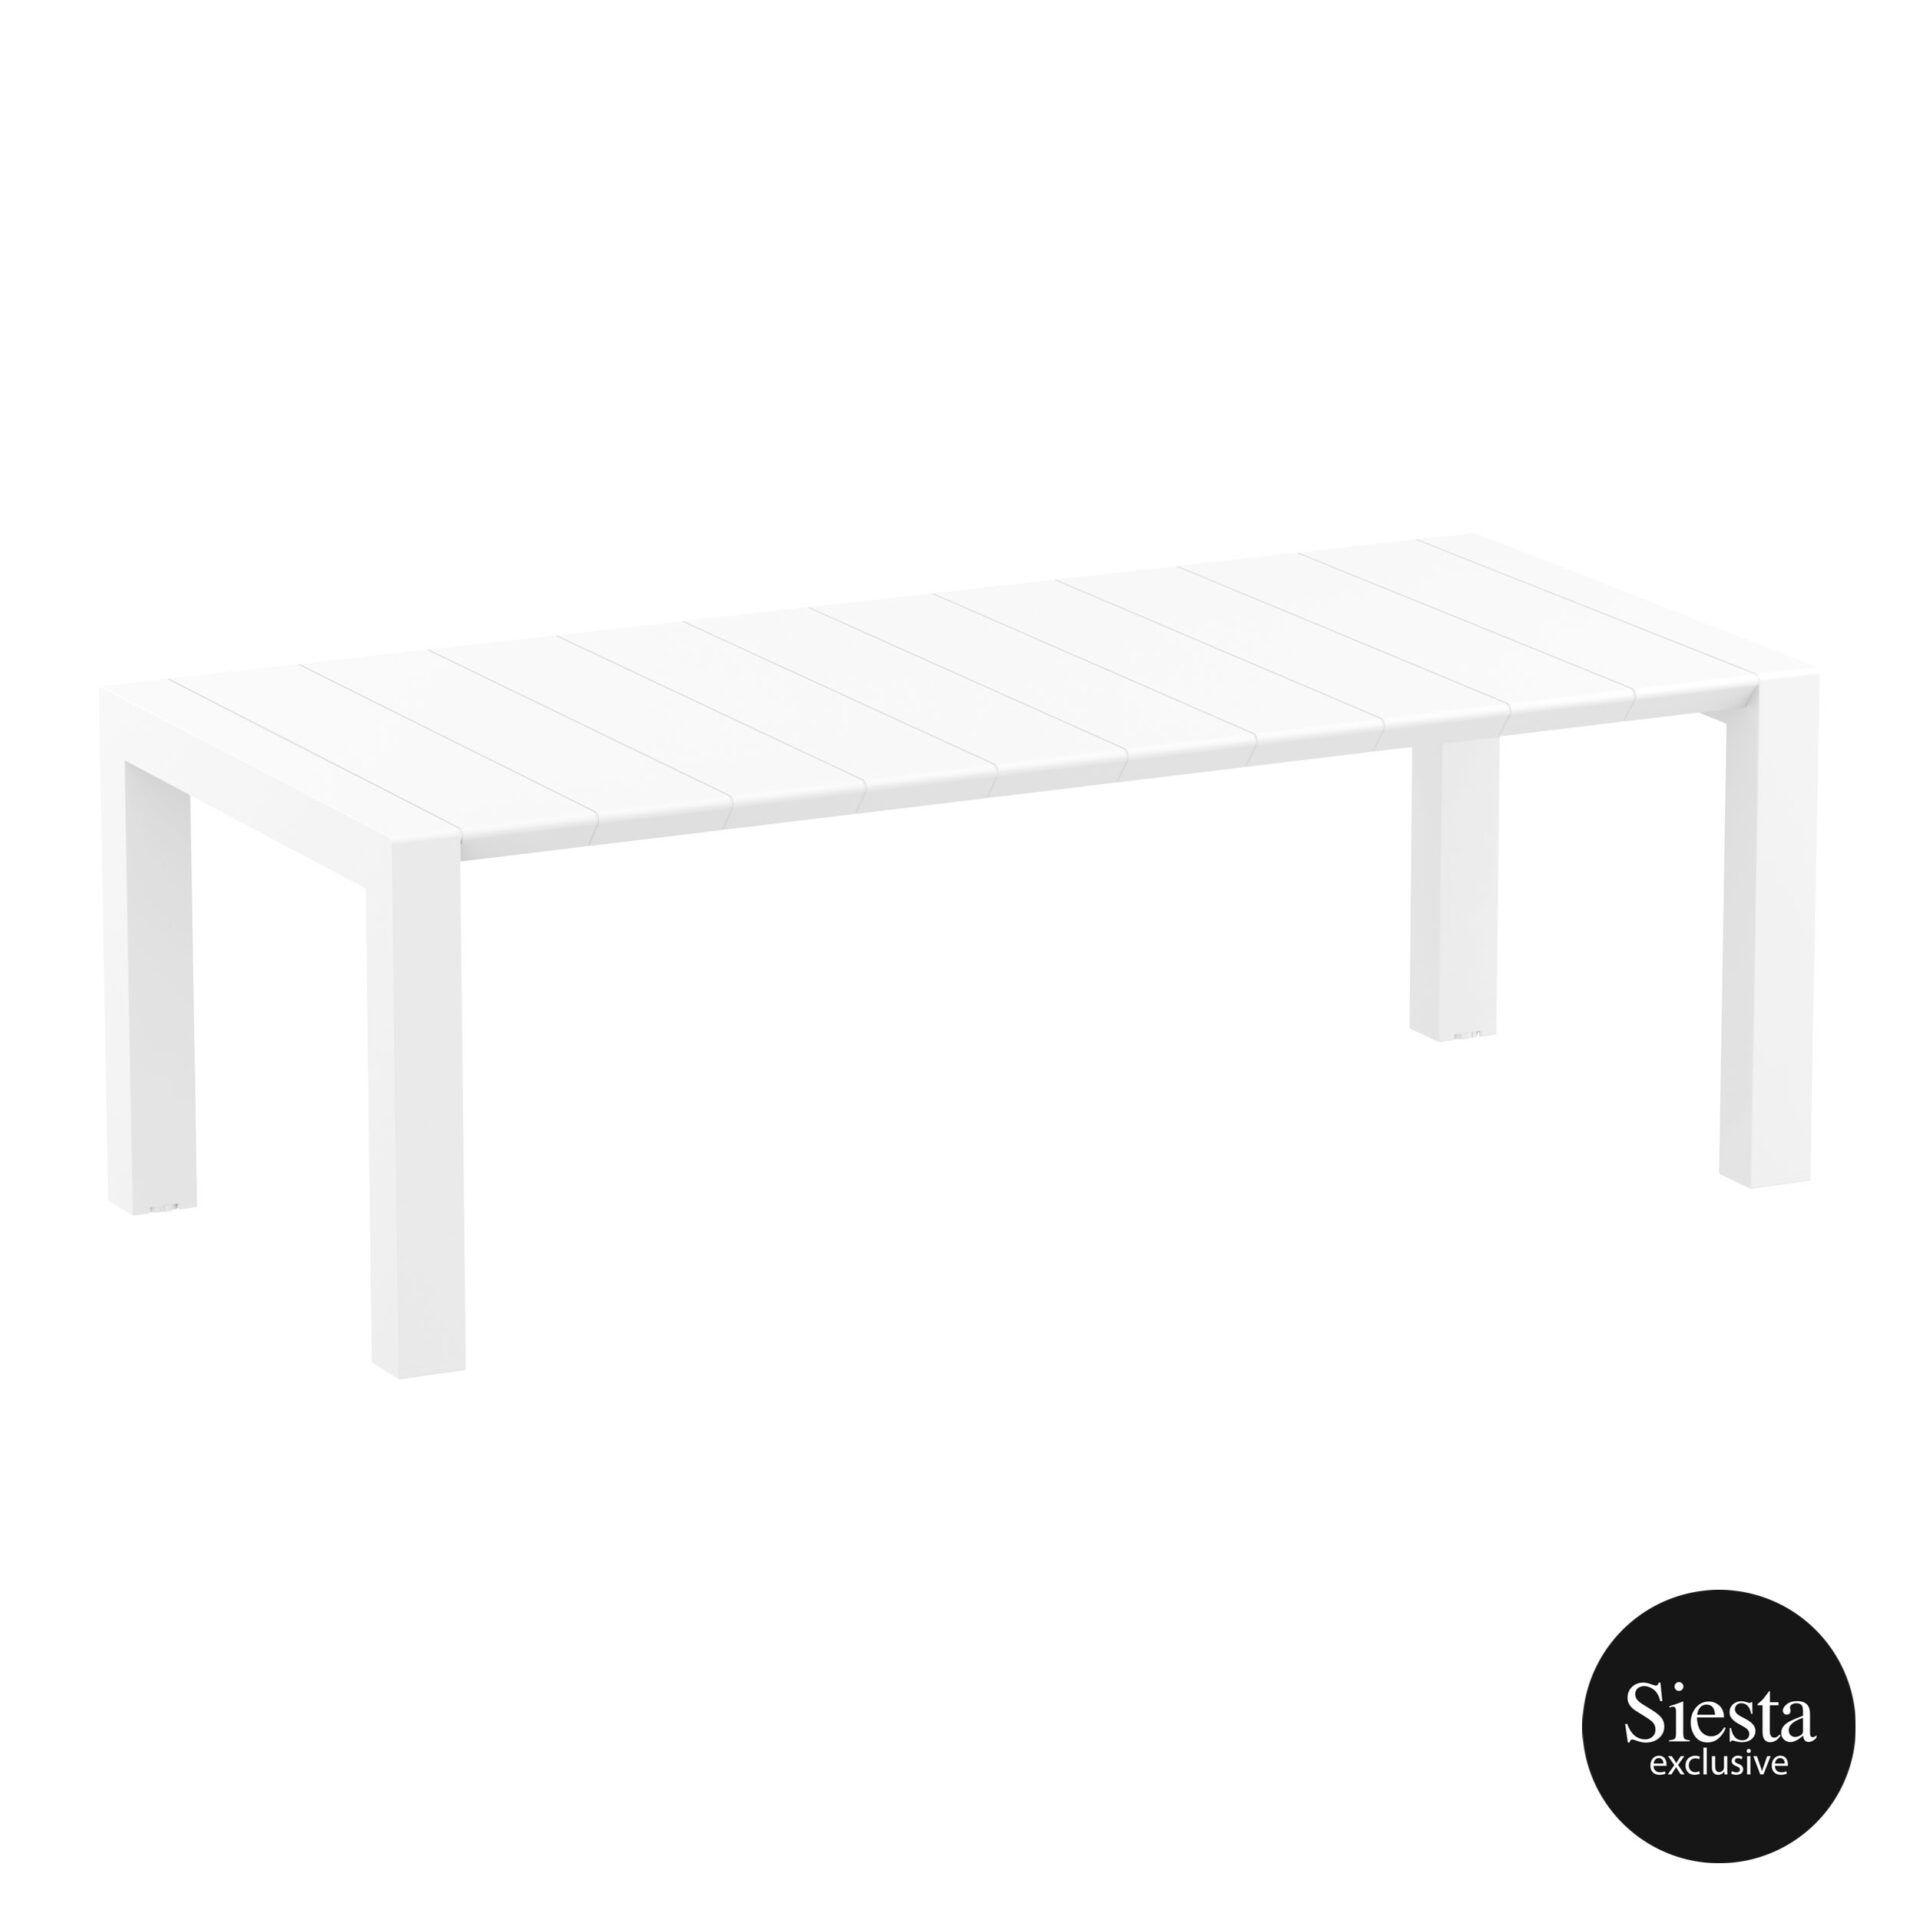 014 vegas table medium 220 white front side 1